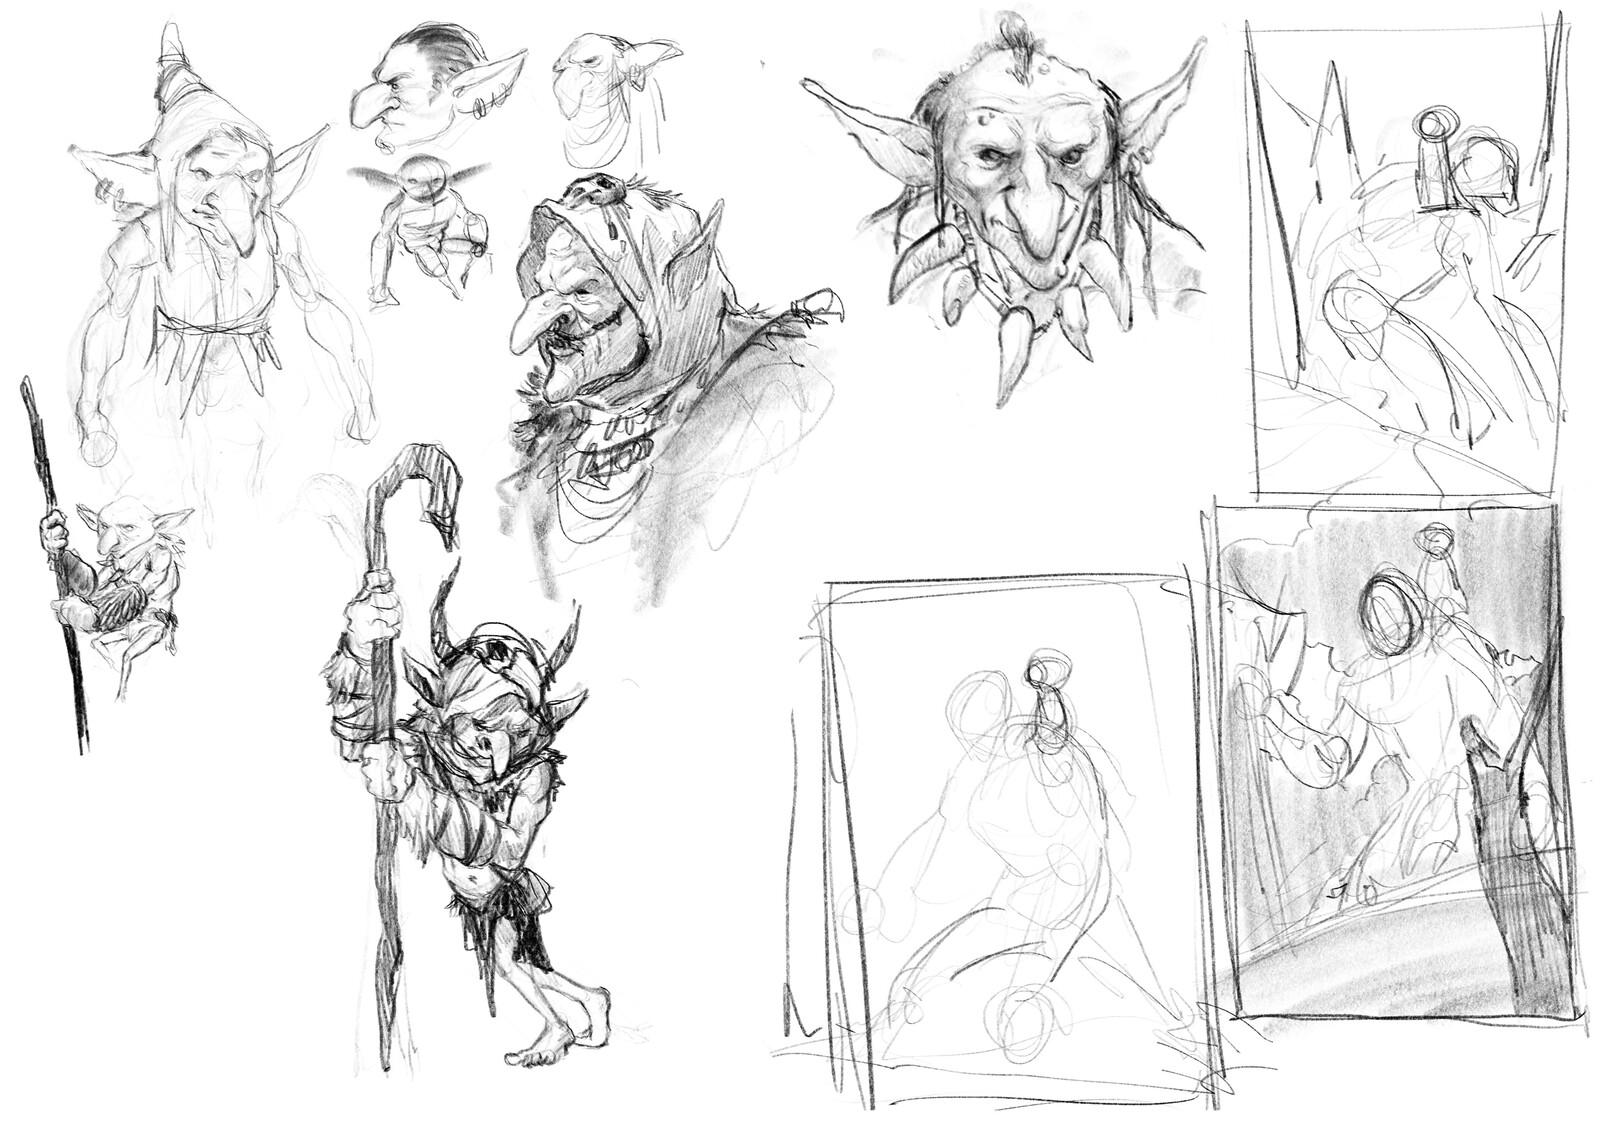 Shaman goblin + composition